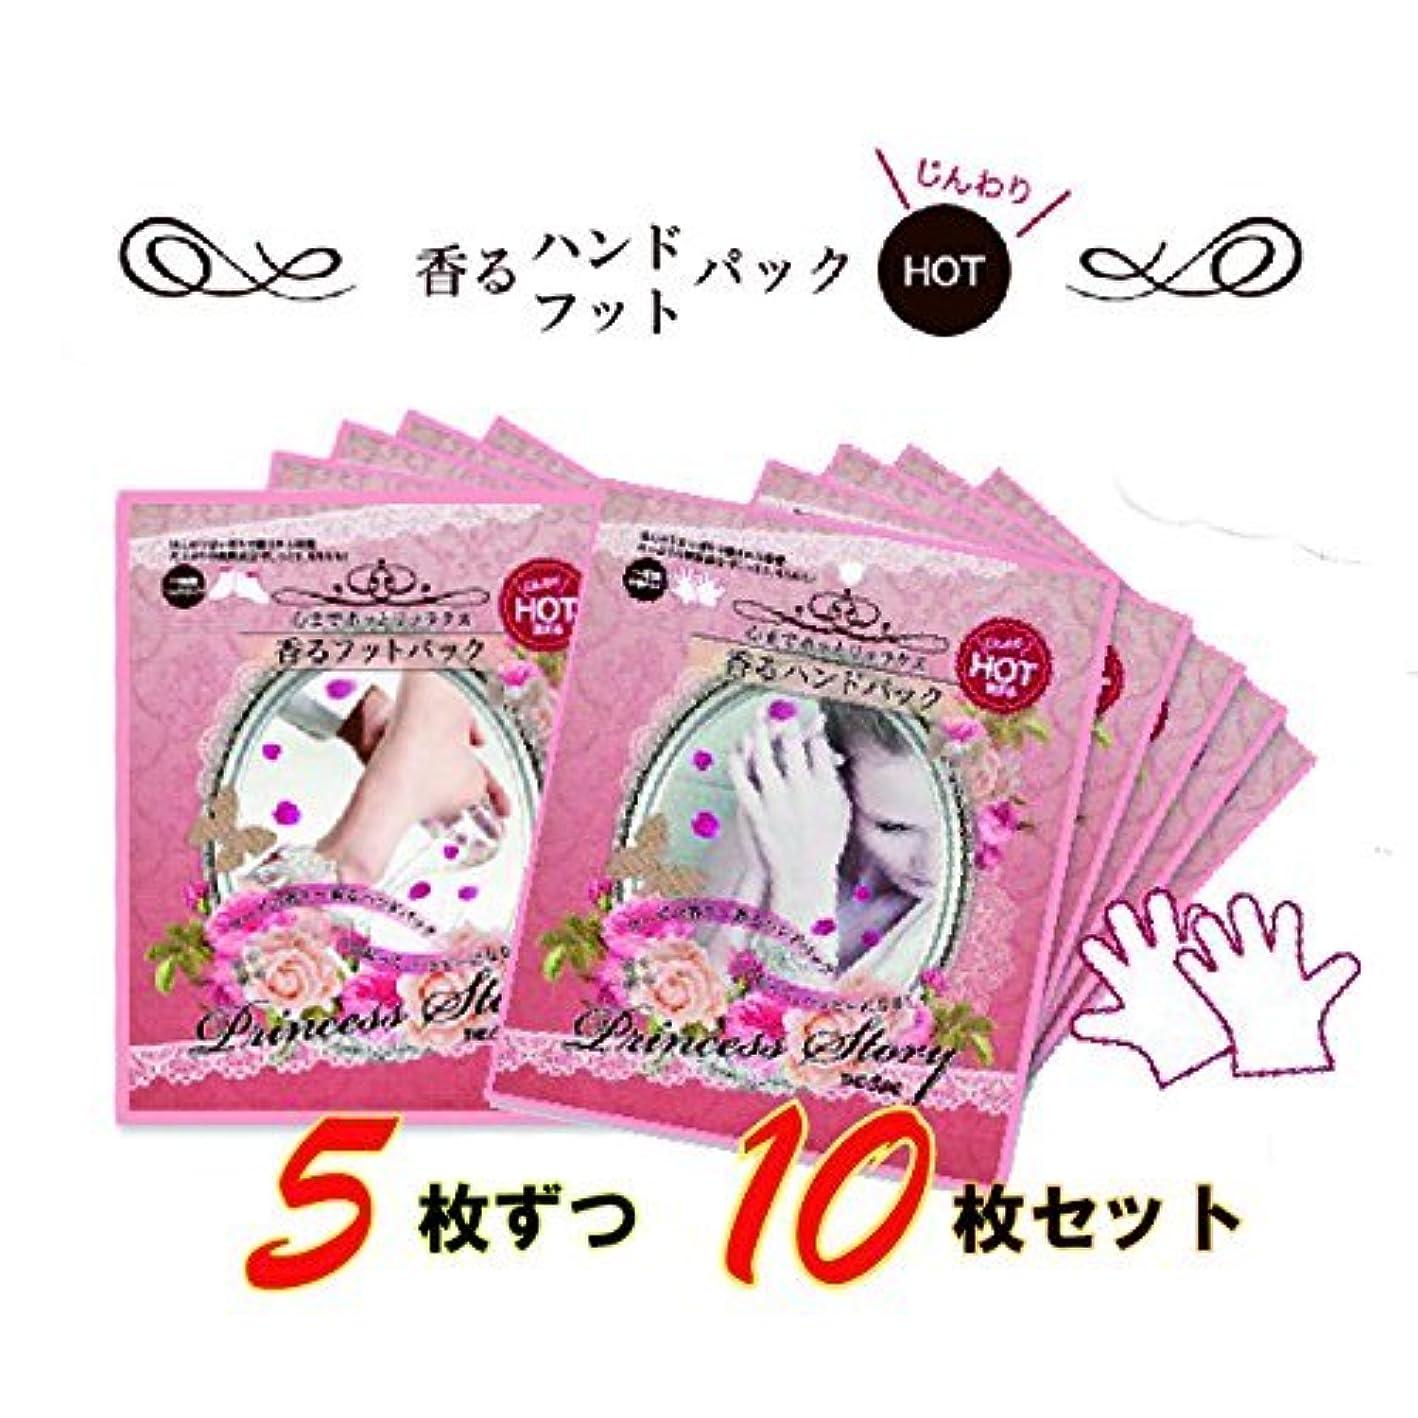 関係する塩辛いブランク香るハンド &フットパック HOT キュア プリンセス ストーリーTHE CURE 5枚ずつ10枚セット